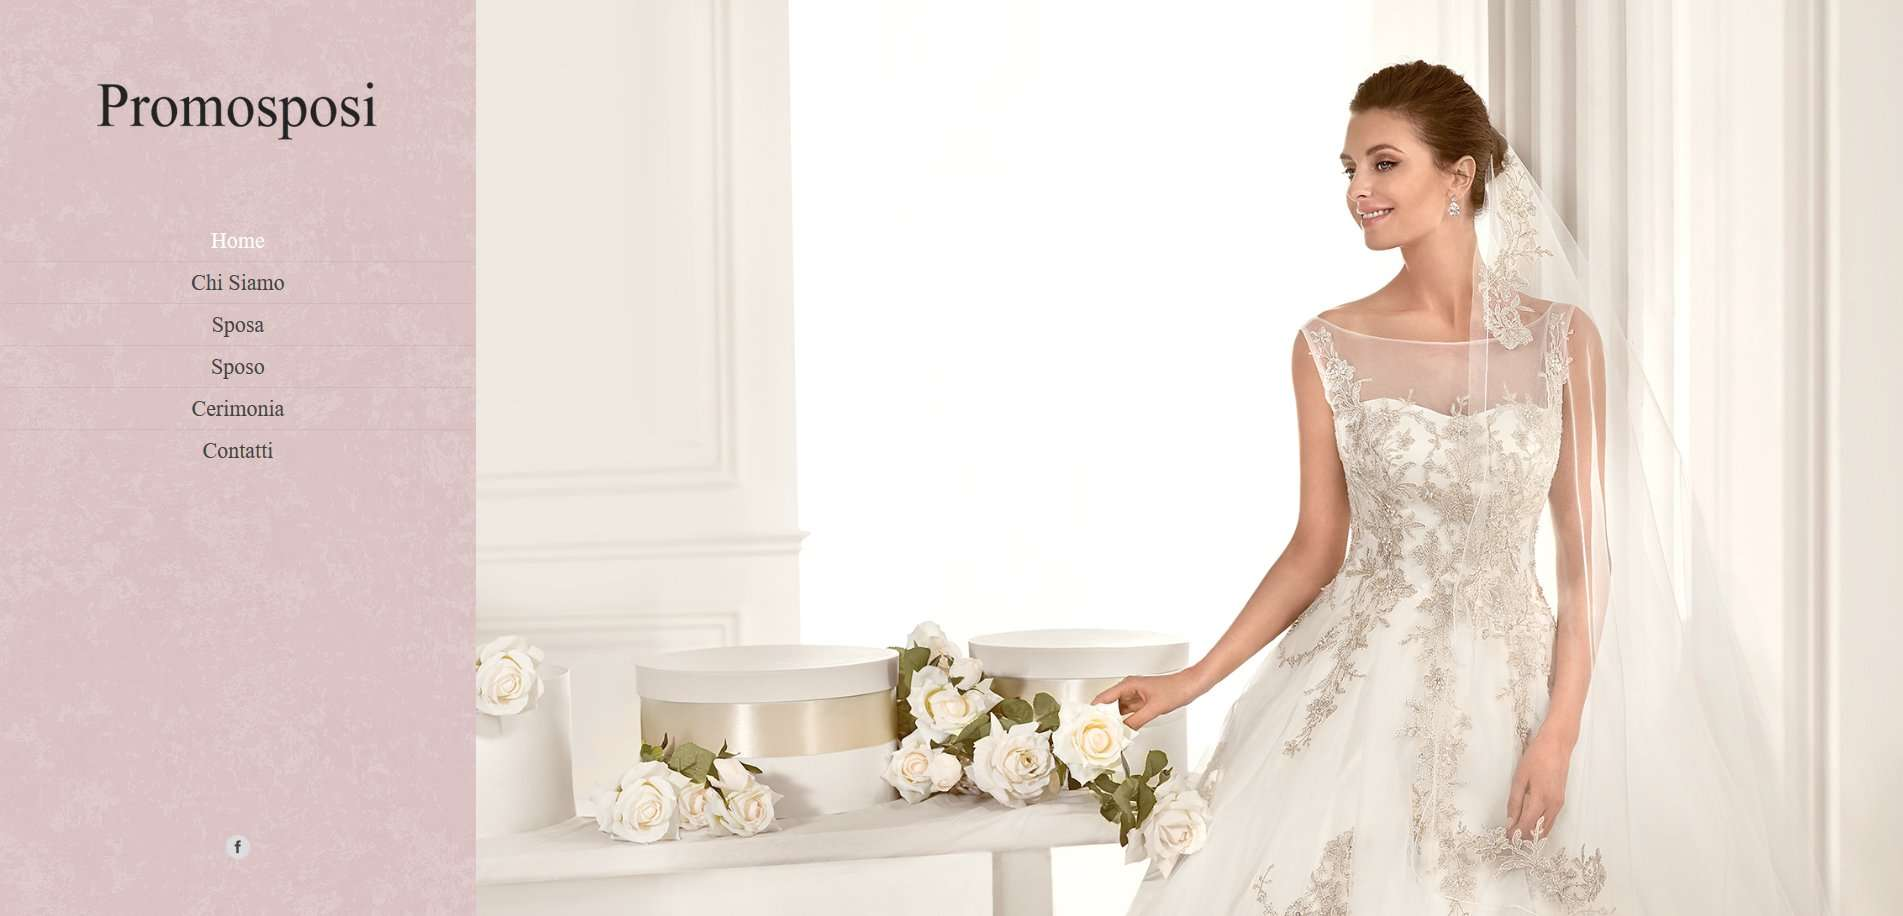 promosposi_-_abiti_da_sposa_sposo_e_cerimonia_-_via_jato_7_palermo_-_2016-11-03_18-02-40